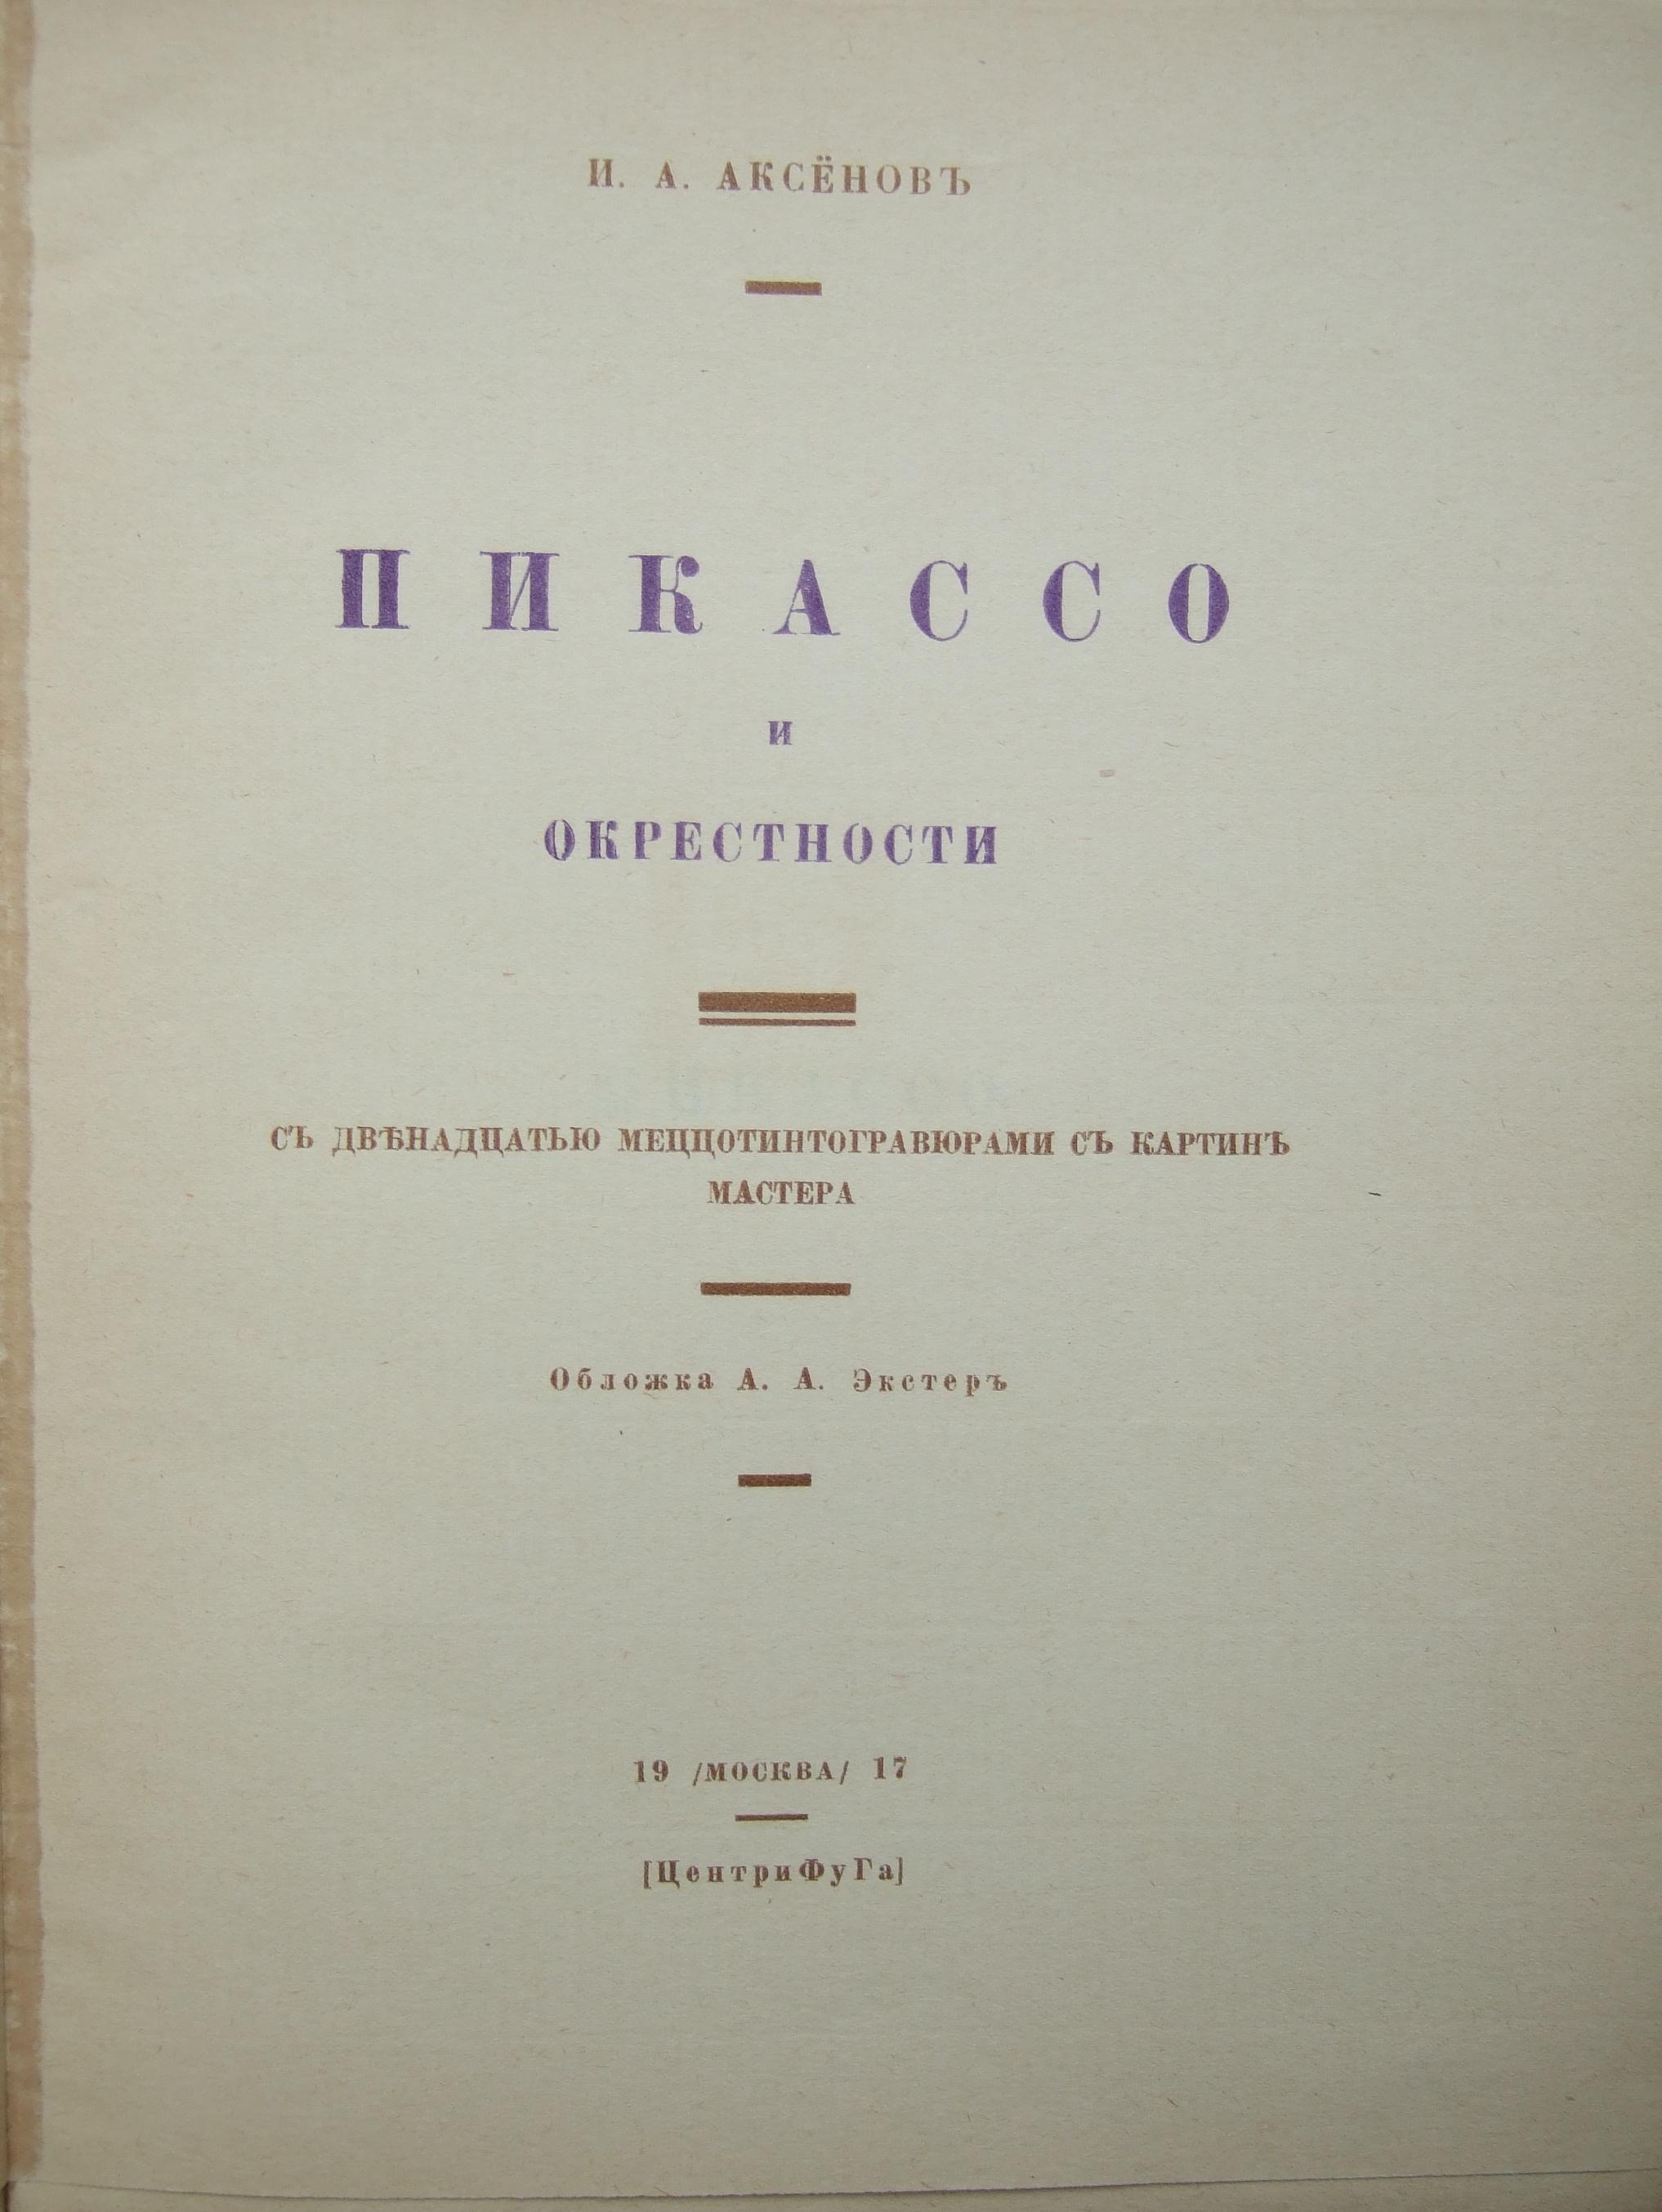 Title: Picasso i okrestnosti. Book by I.A. Aksenov.